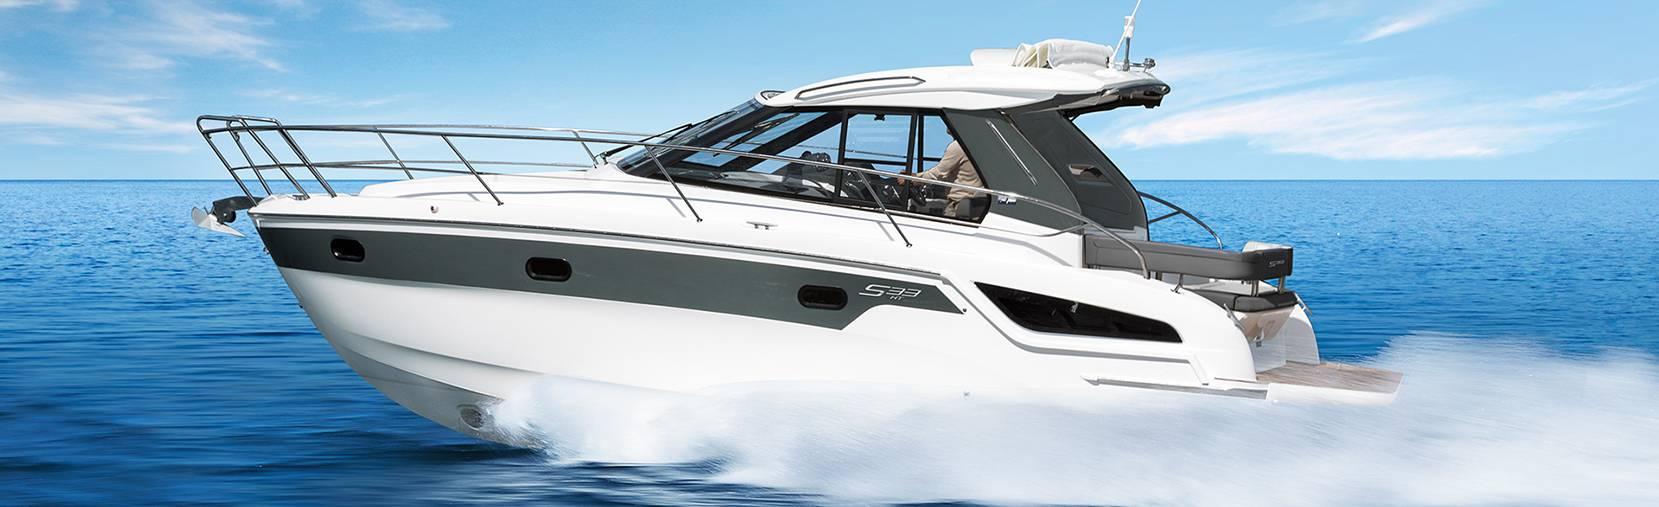 Bavaria s33 boat